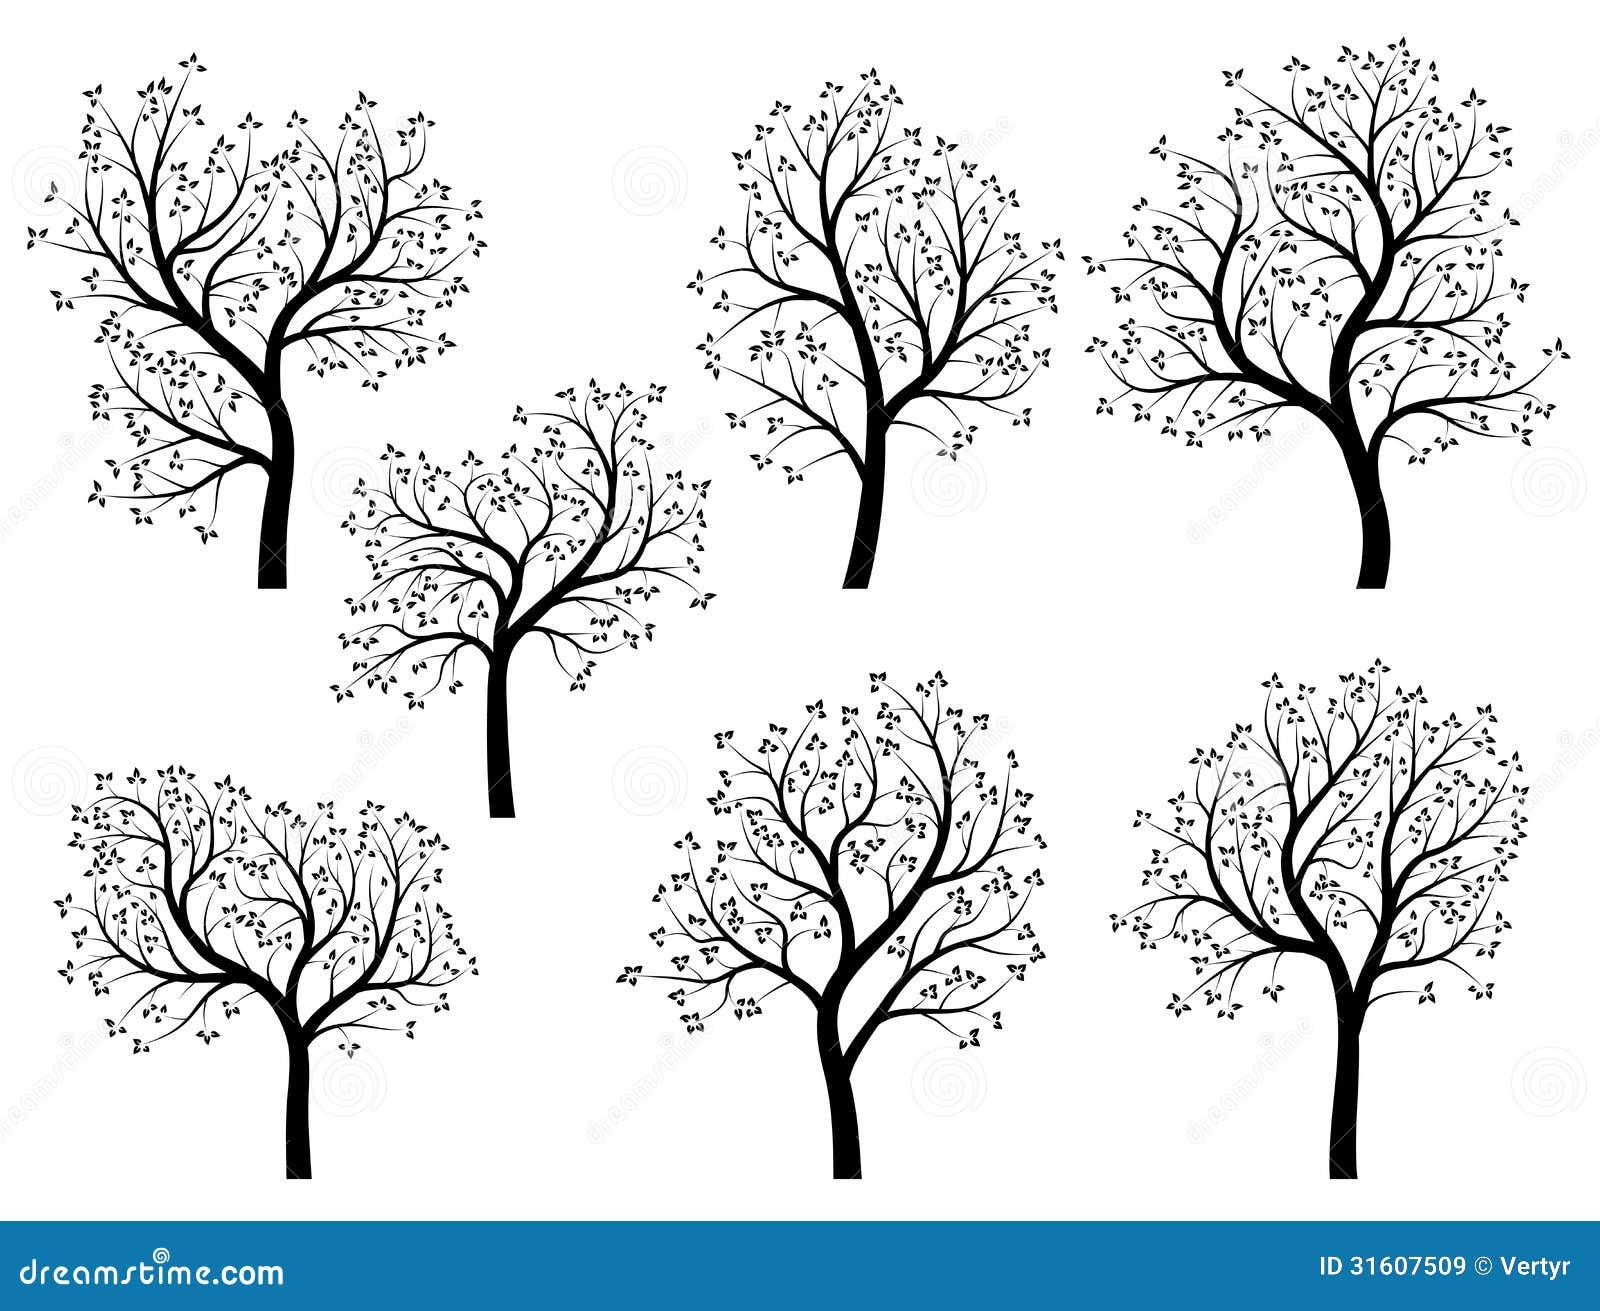 简笔画 设计 矢量 矢量图 手绘 素材 线稿 1300_1082